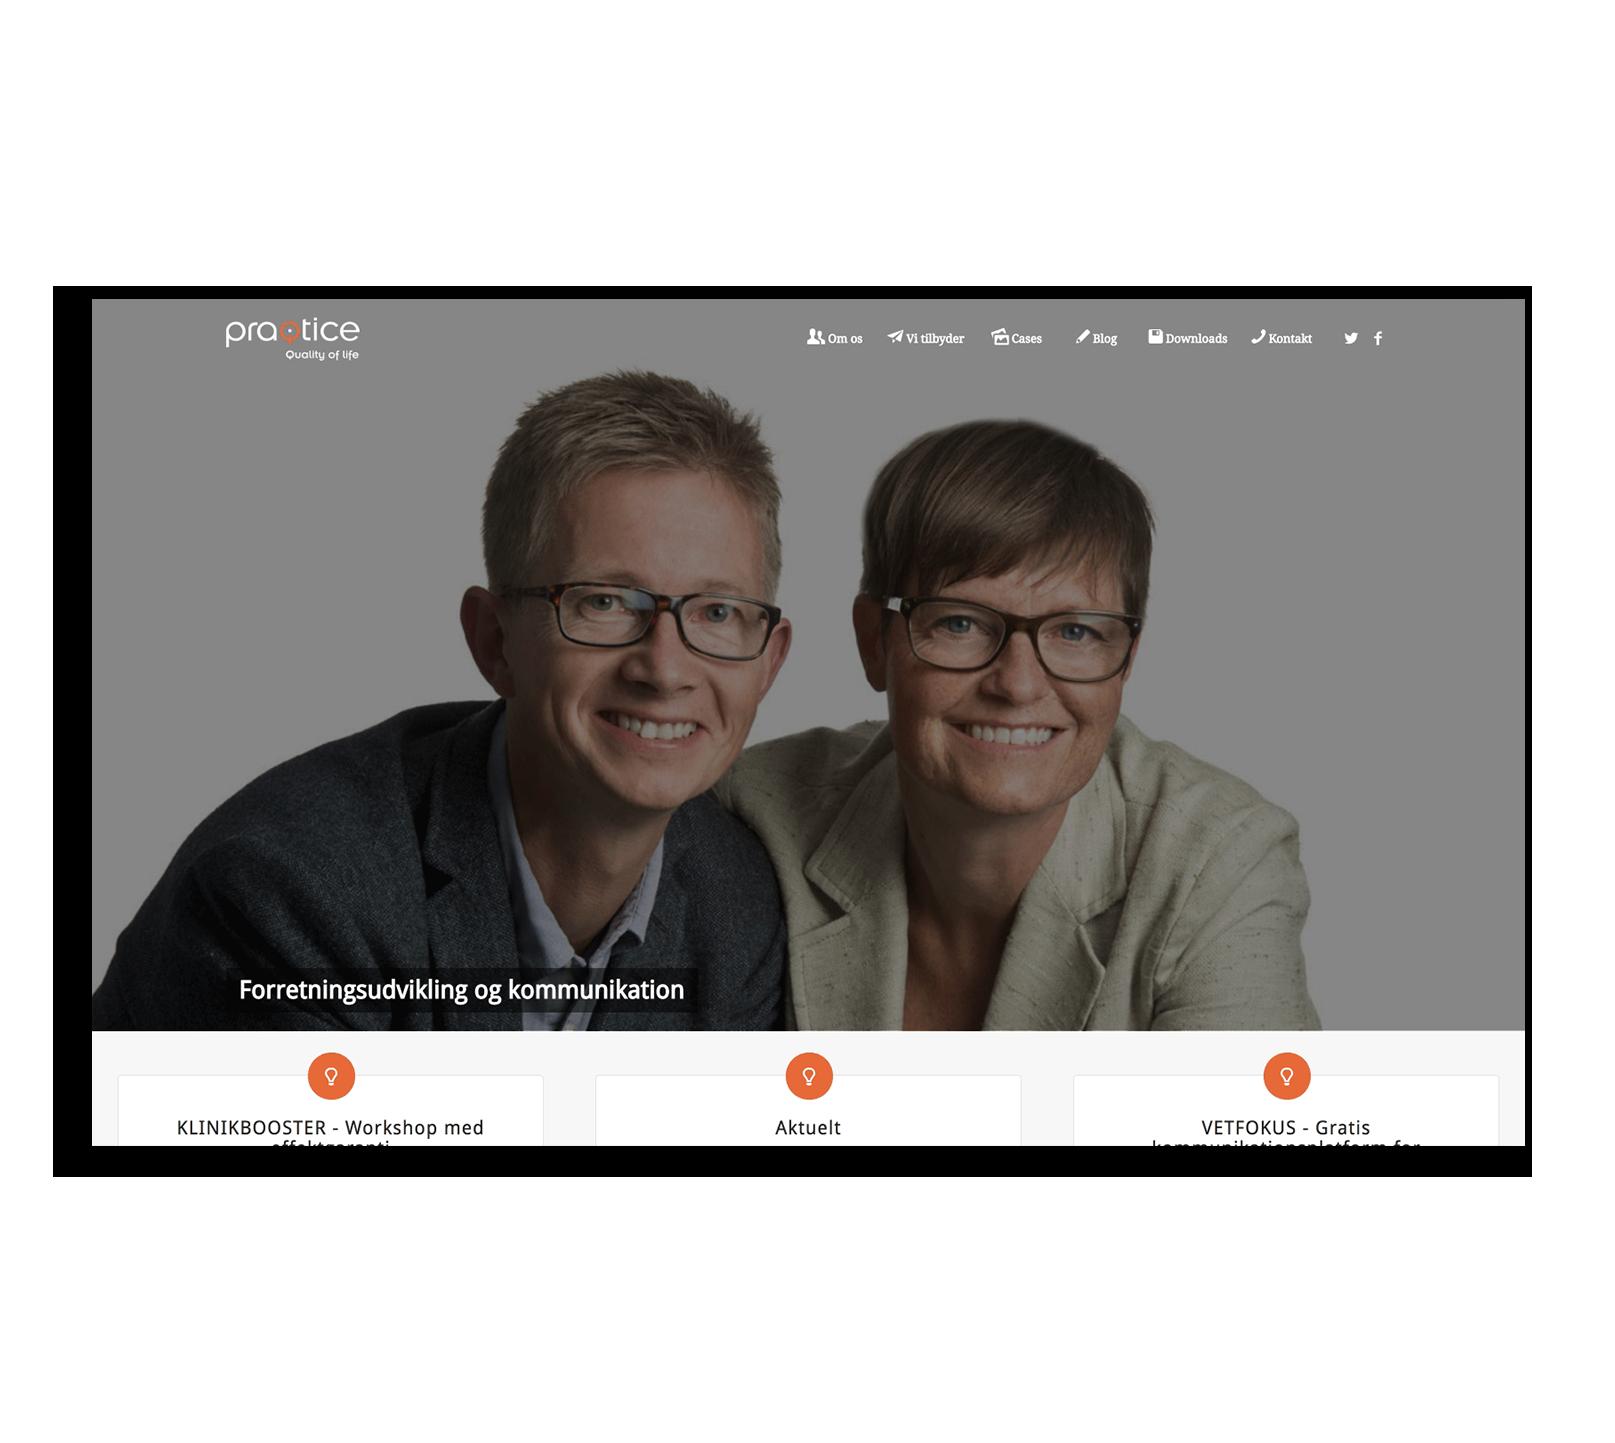 Разработка корпоративного сайта для Датской консалтинговой компании